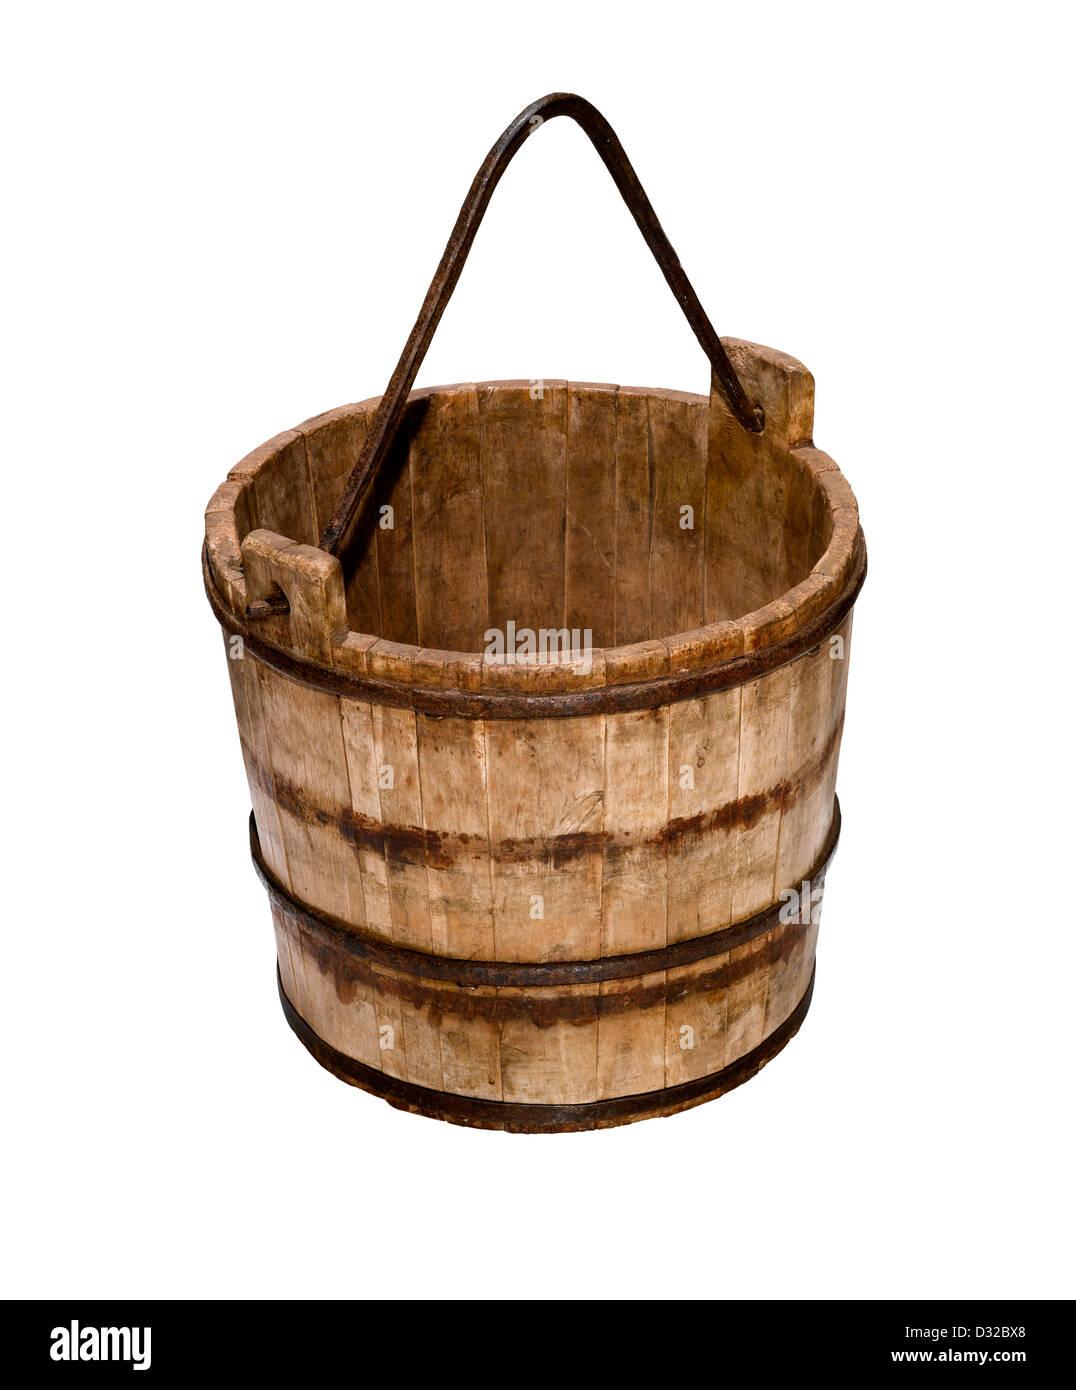 Eine alte altmodische Holzeimer oder Eimer mit Griff oben Stockbild